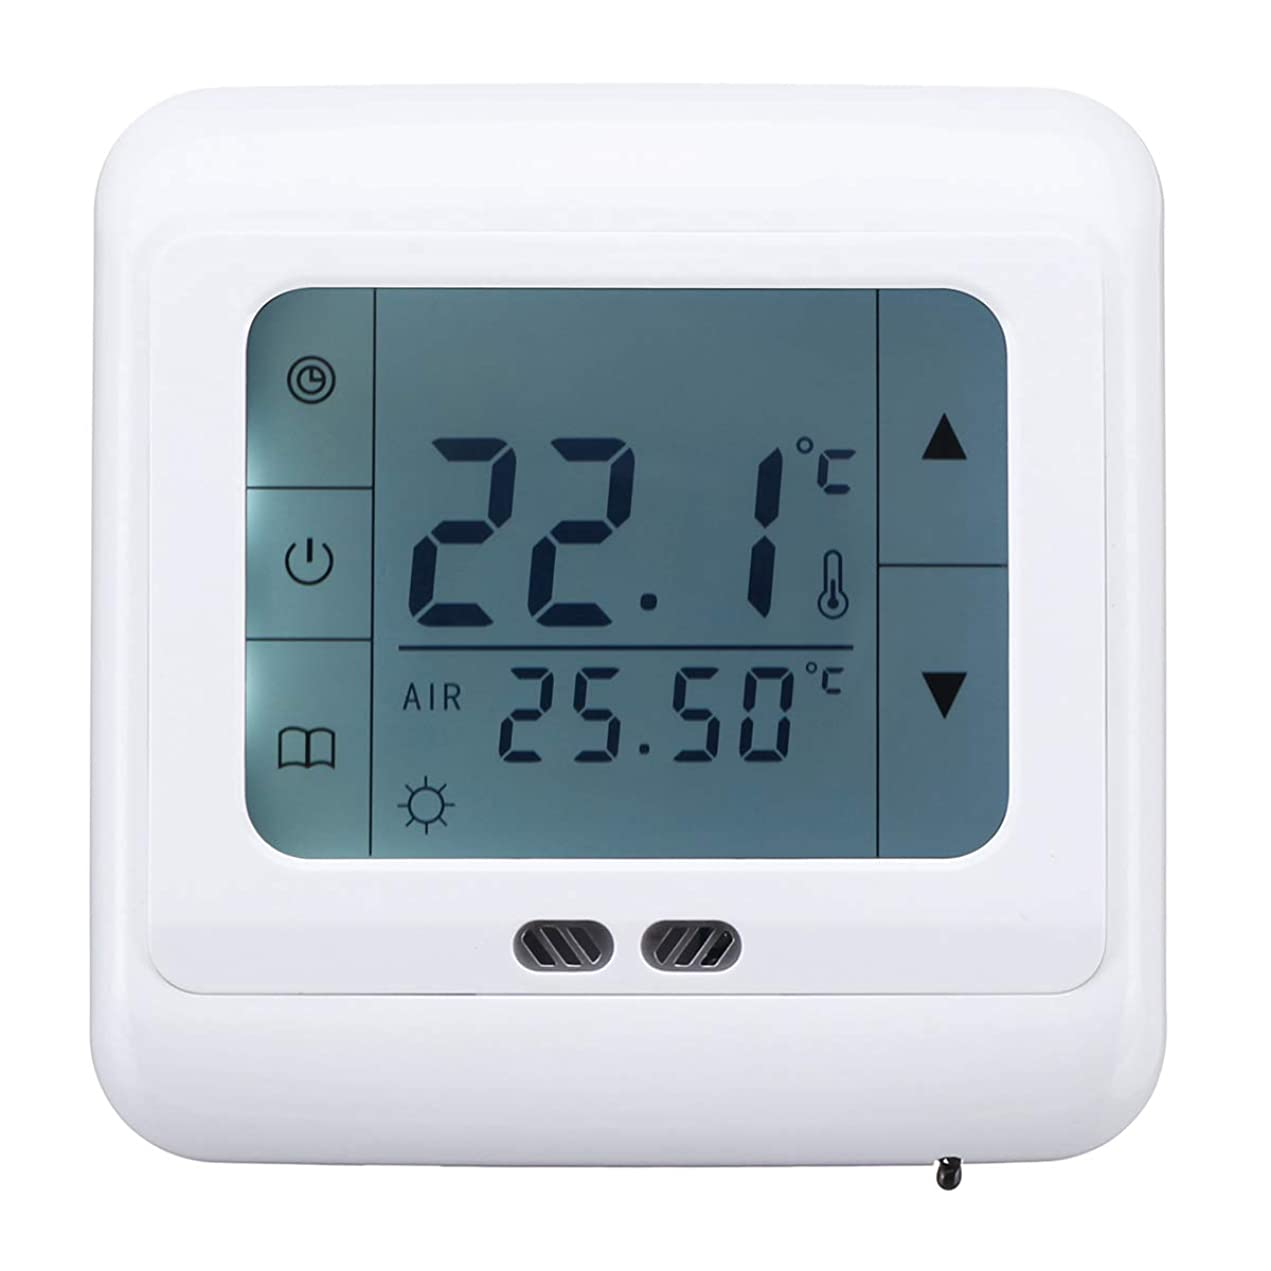 減少異常な翻訳するQueenwind 5-35 ° c の床暖房のサーモスタット LCD 理性のプログラム可能な温度調整装置 AC 220V